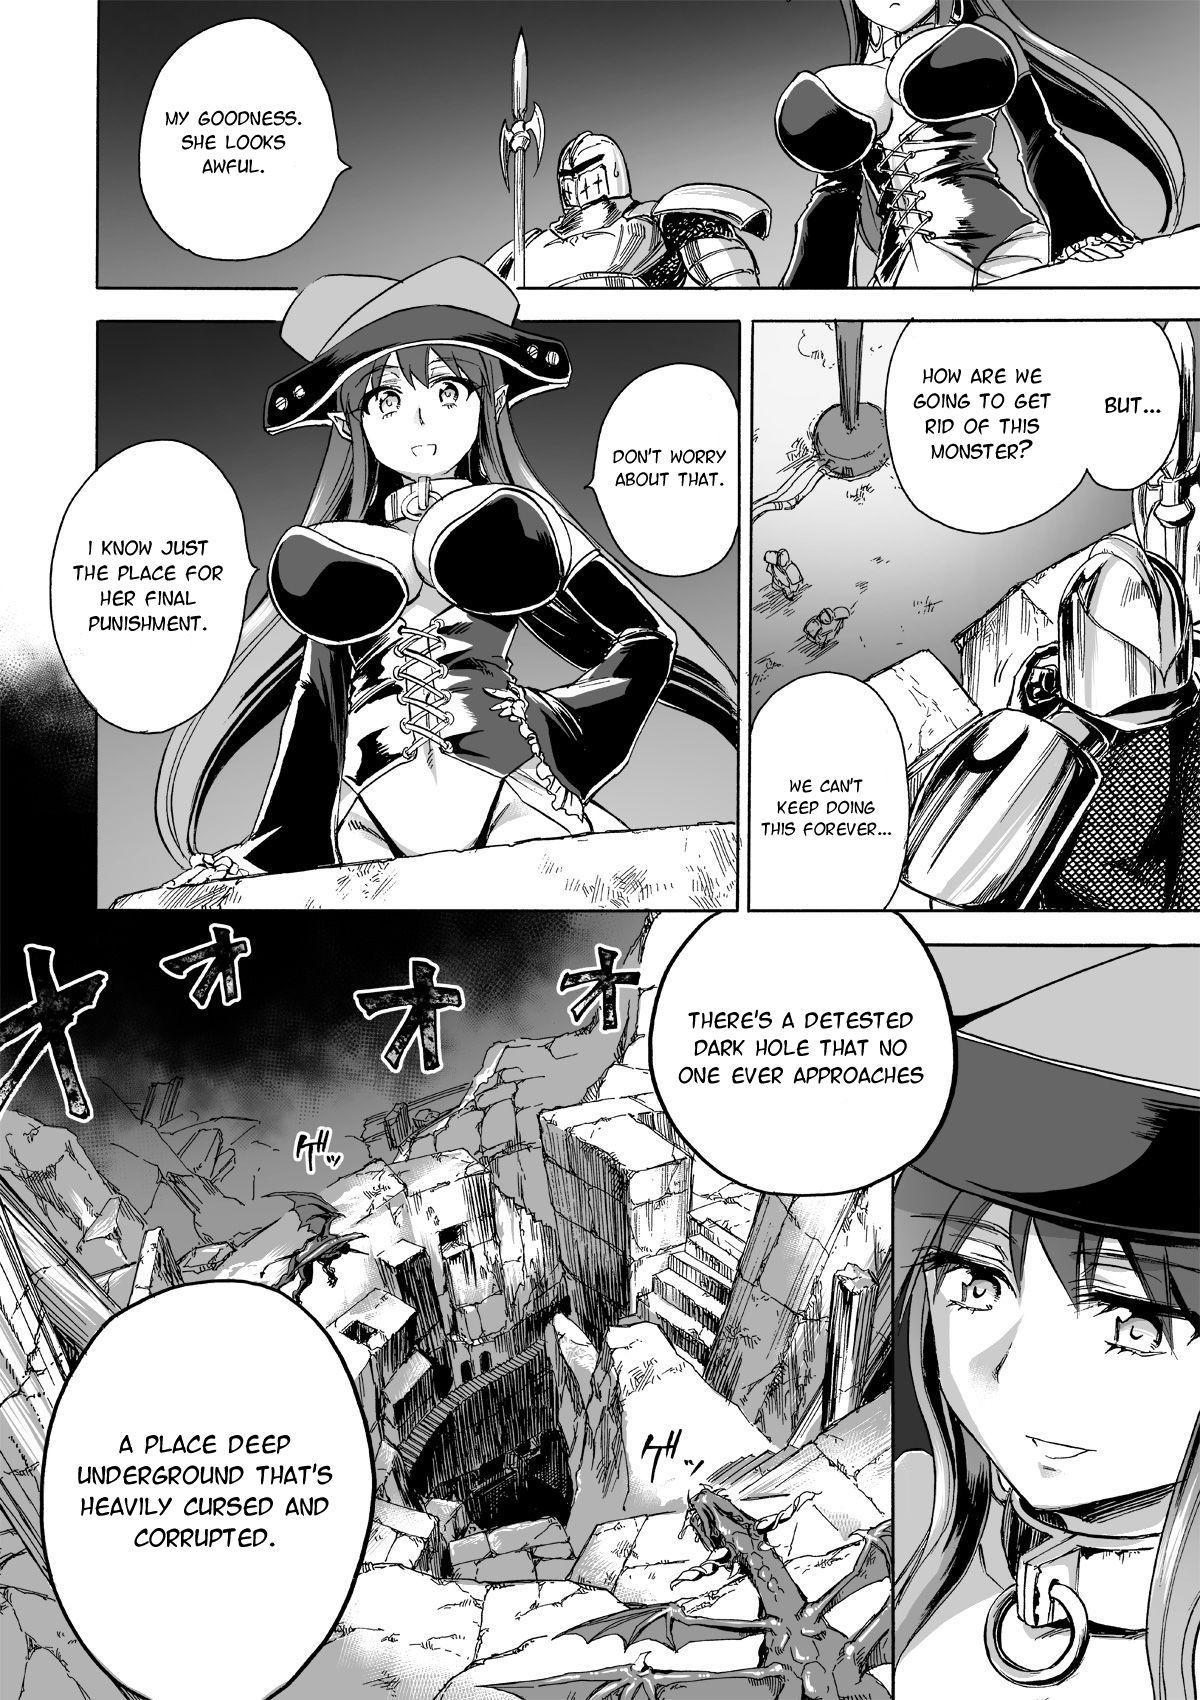 [Ido no Soko (Kei-kun)] Majo no Rakujitsu 2 -Kagyaku- | Witch's Final Hour 2 -Cruel Torture- [English] [Moko_T] 58